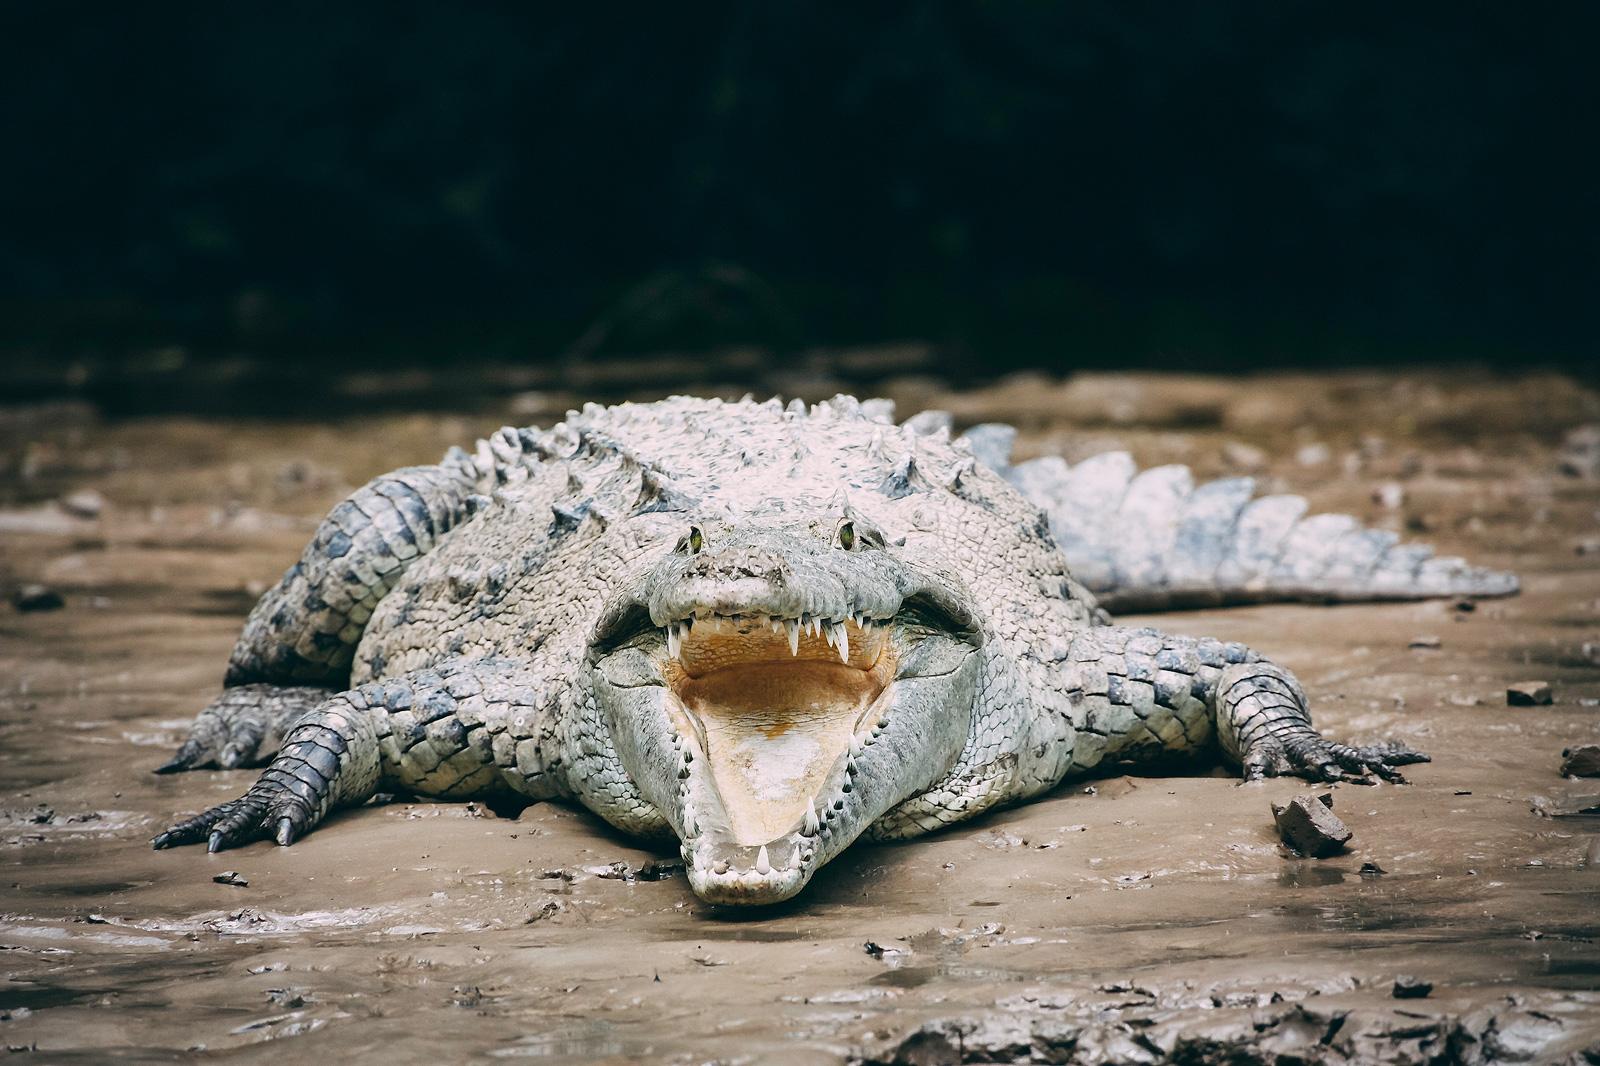 Fotospot Sumidero Canon, Mexiko, kathrinsworld, Kathrin's World, Cañón del Sumidero, Krokodil